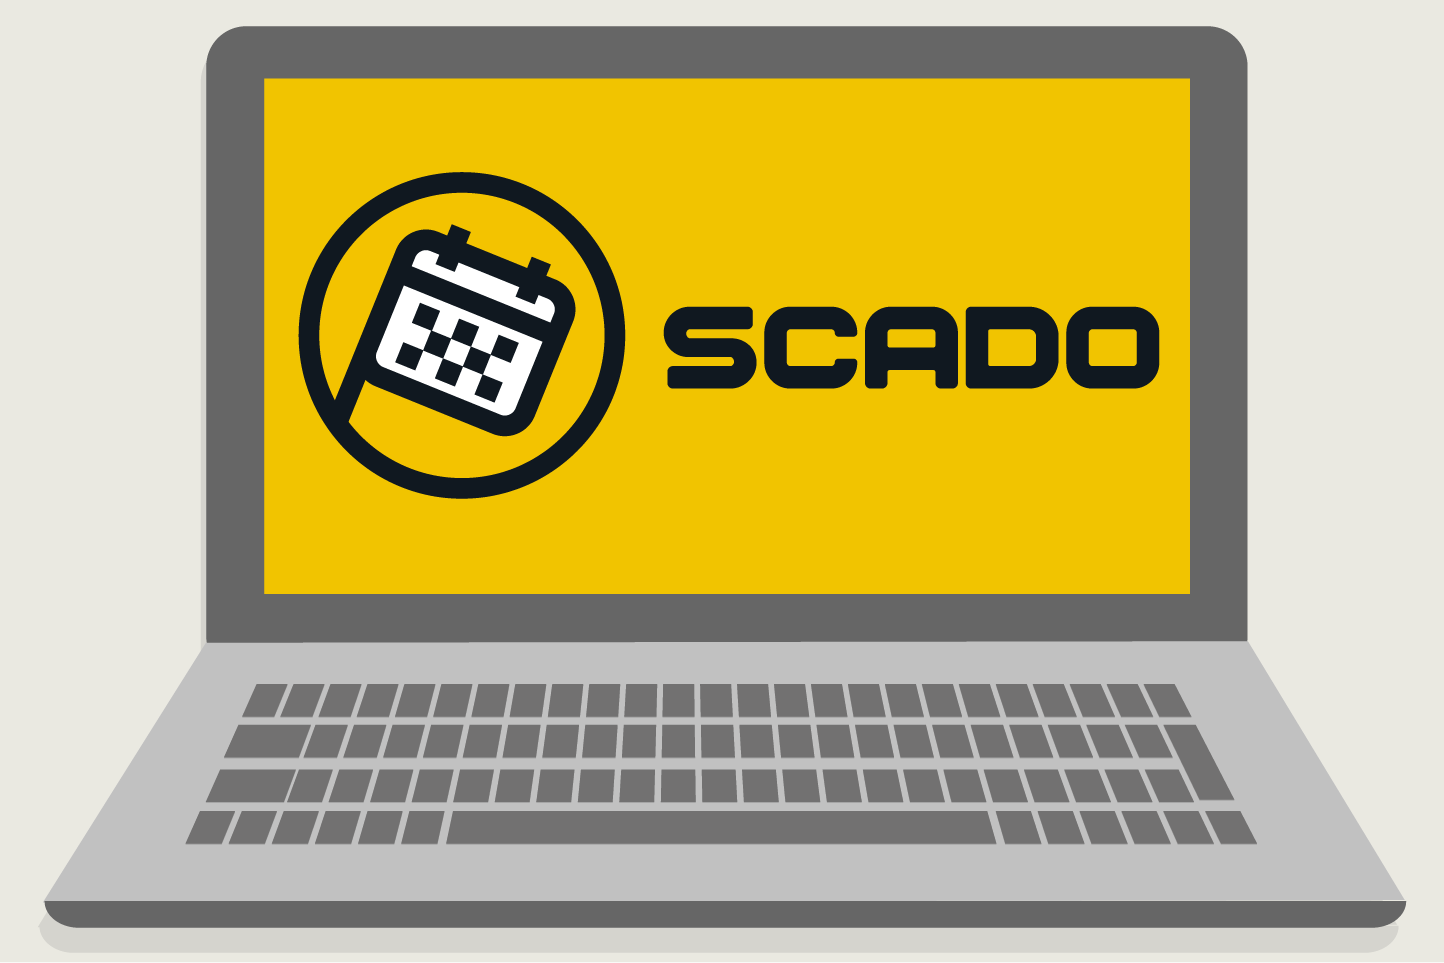 Pc con la webapp Scado, il gestionale pensato per le piccole e medie imprese